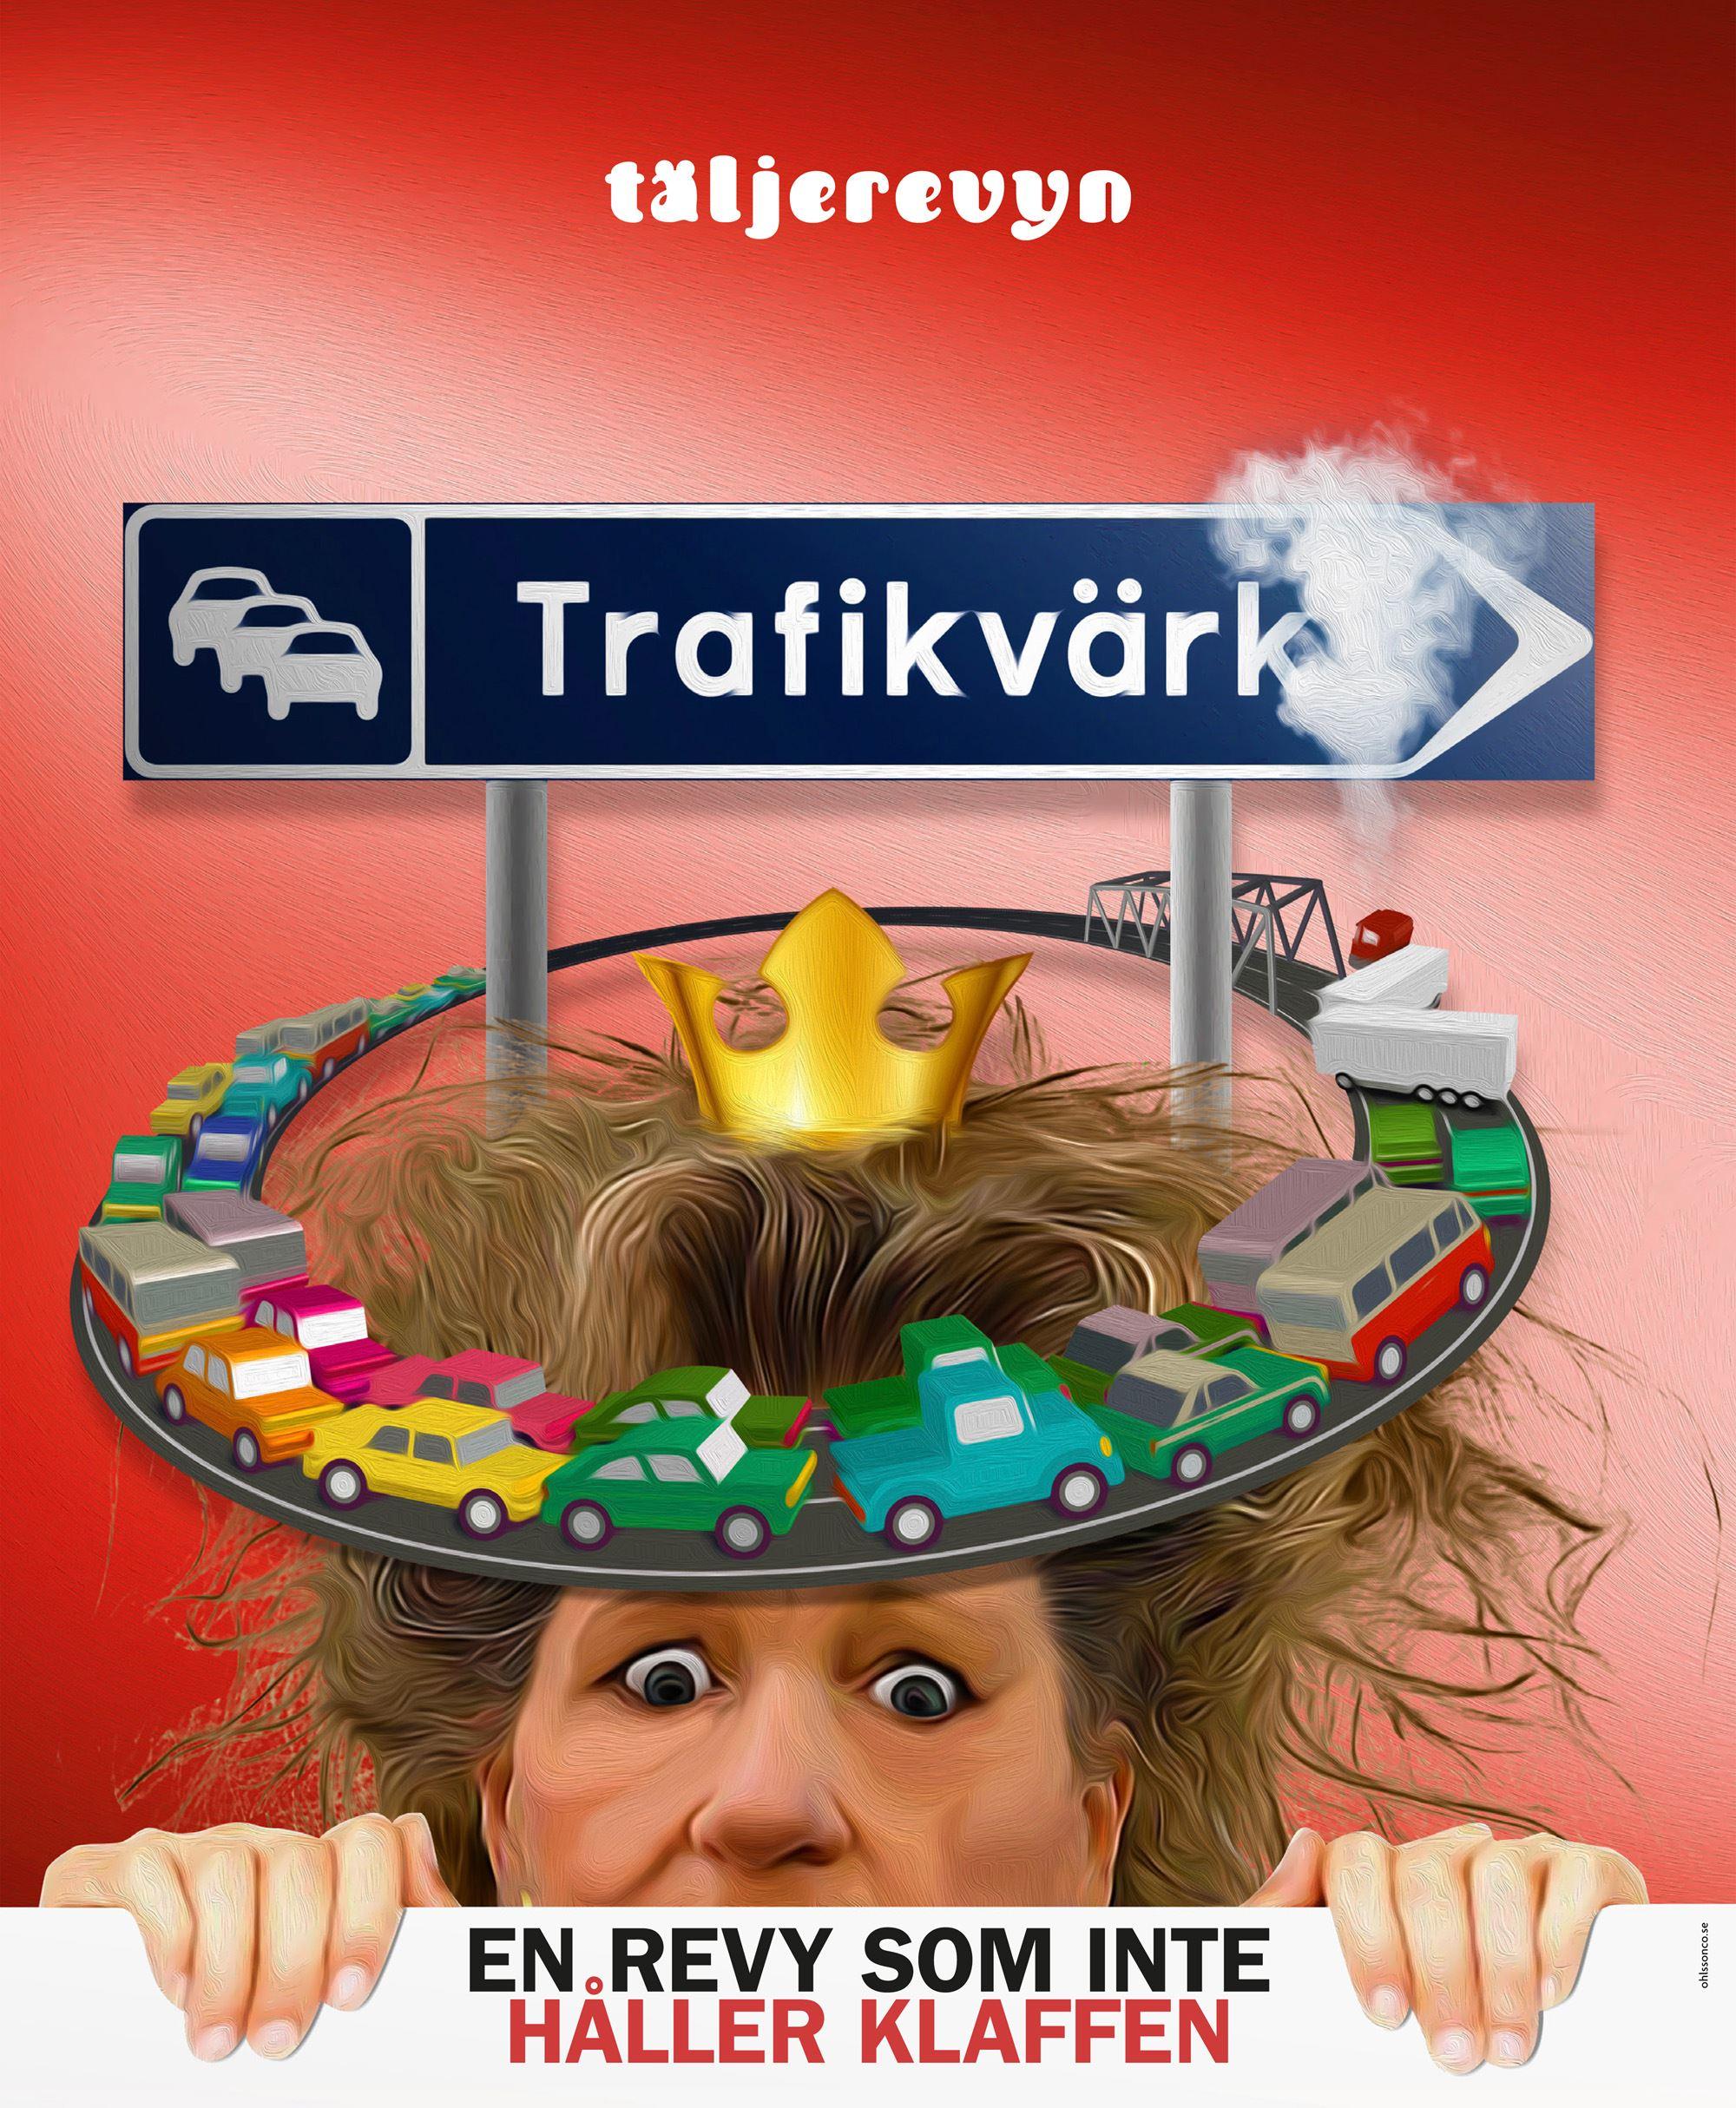 Täljerevyn presenterar TRAFIKVÄRK - En revy som inte håller klaffen